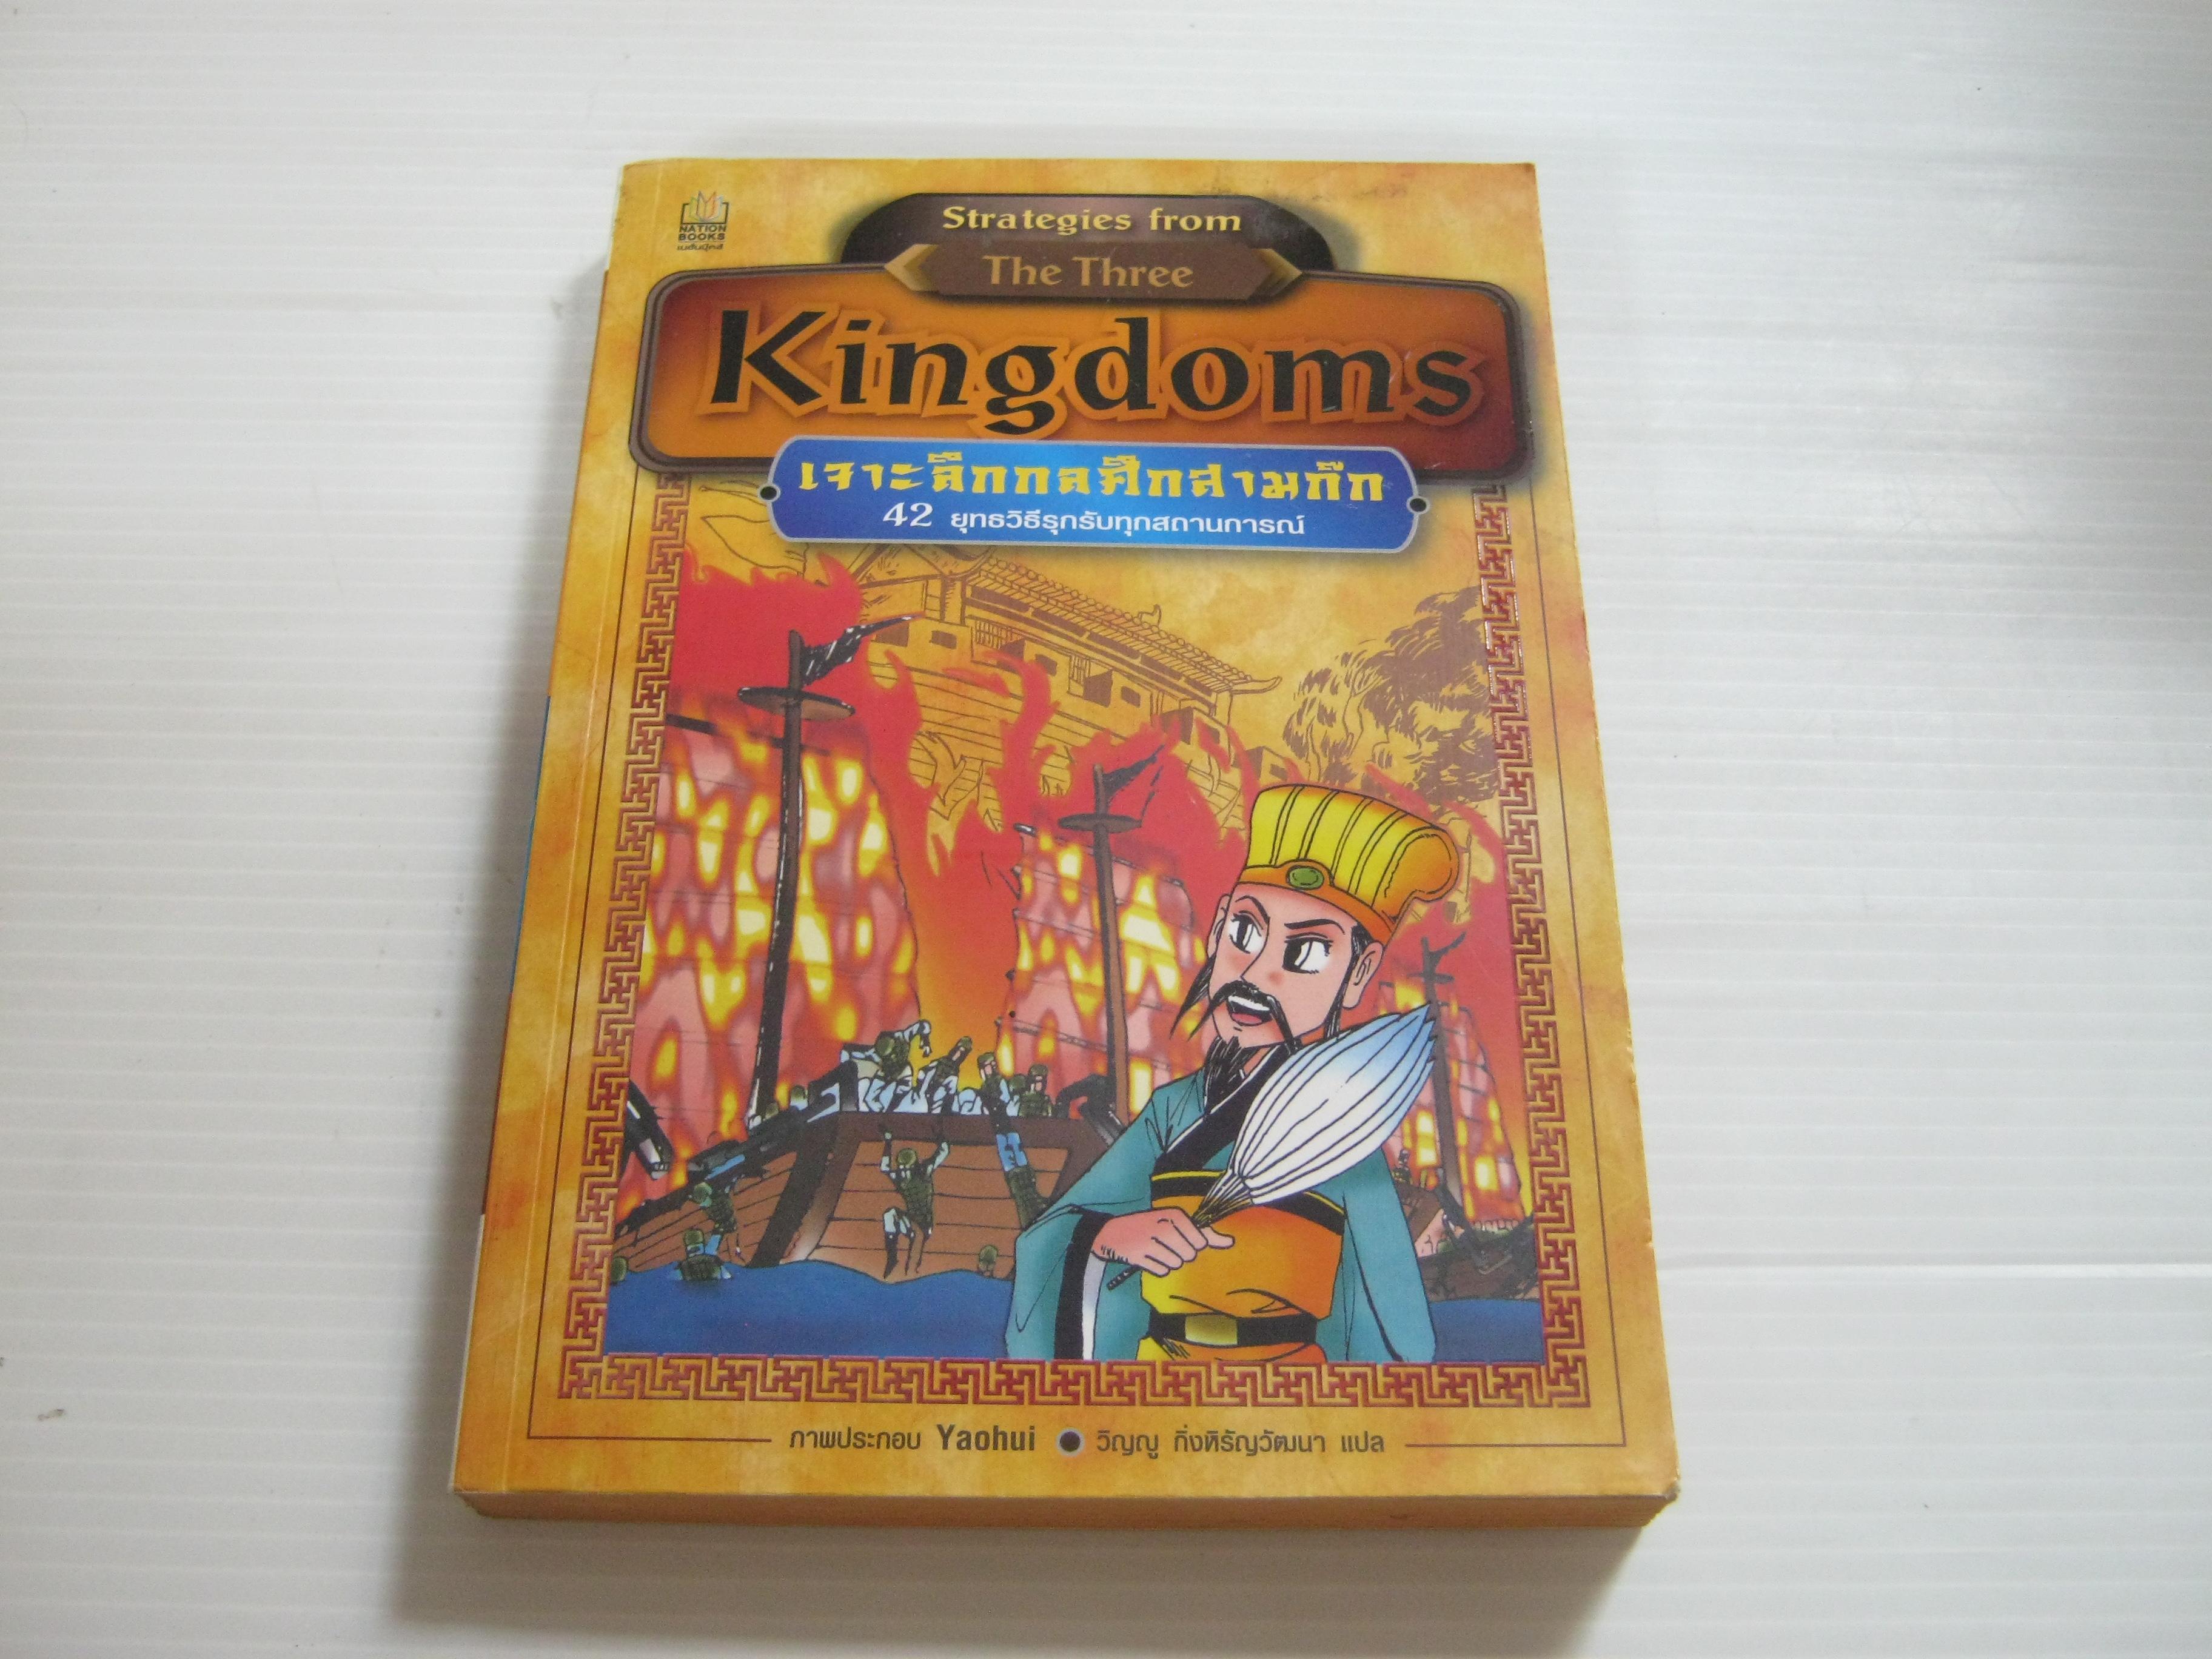 เจาะลึกกลศึกสามก๊ก 42 ยุทธวิธีรุกรับทุกสถานการณ์ (Strategies from The Three Kingdoms) Yaohui ภาพ วิญญู กิ่งหิรัญวัฒนา แปล